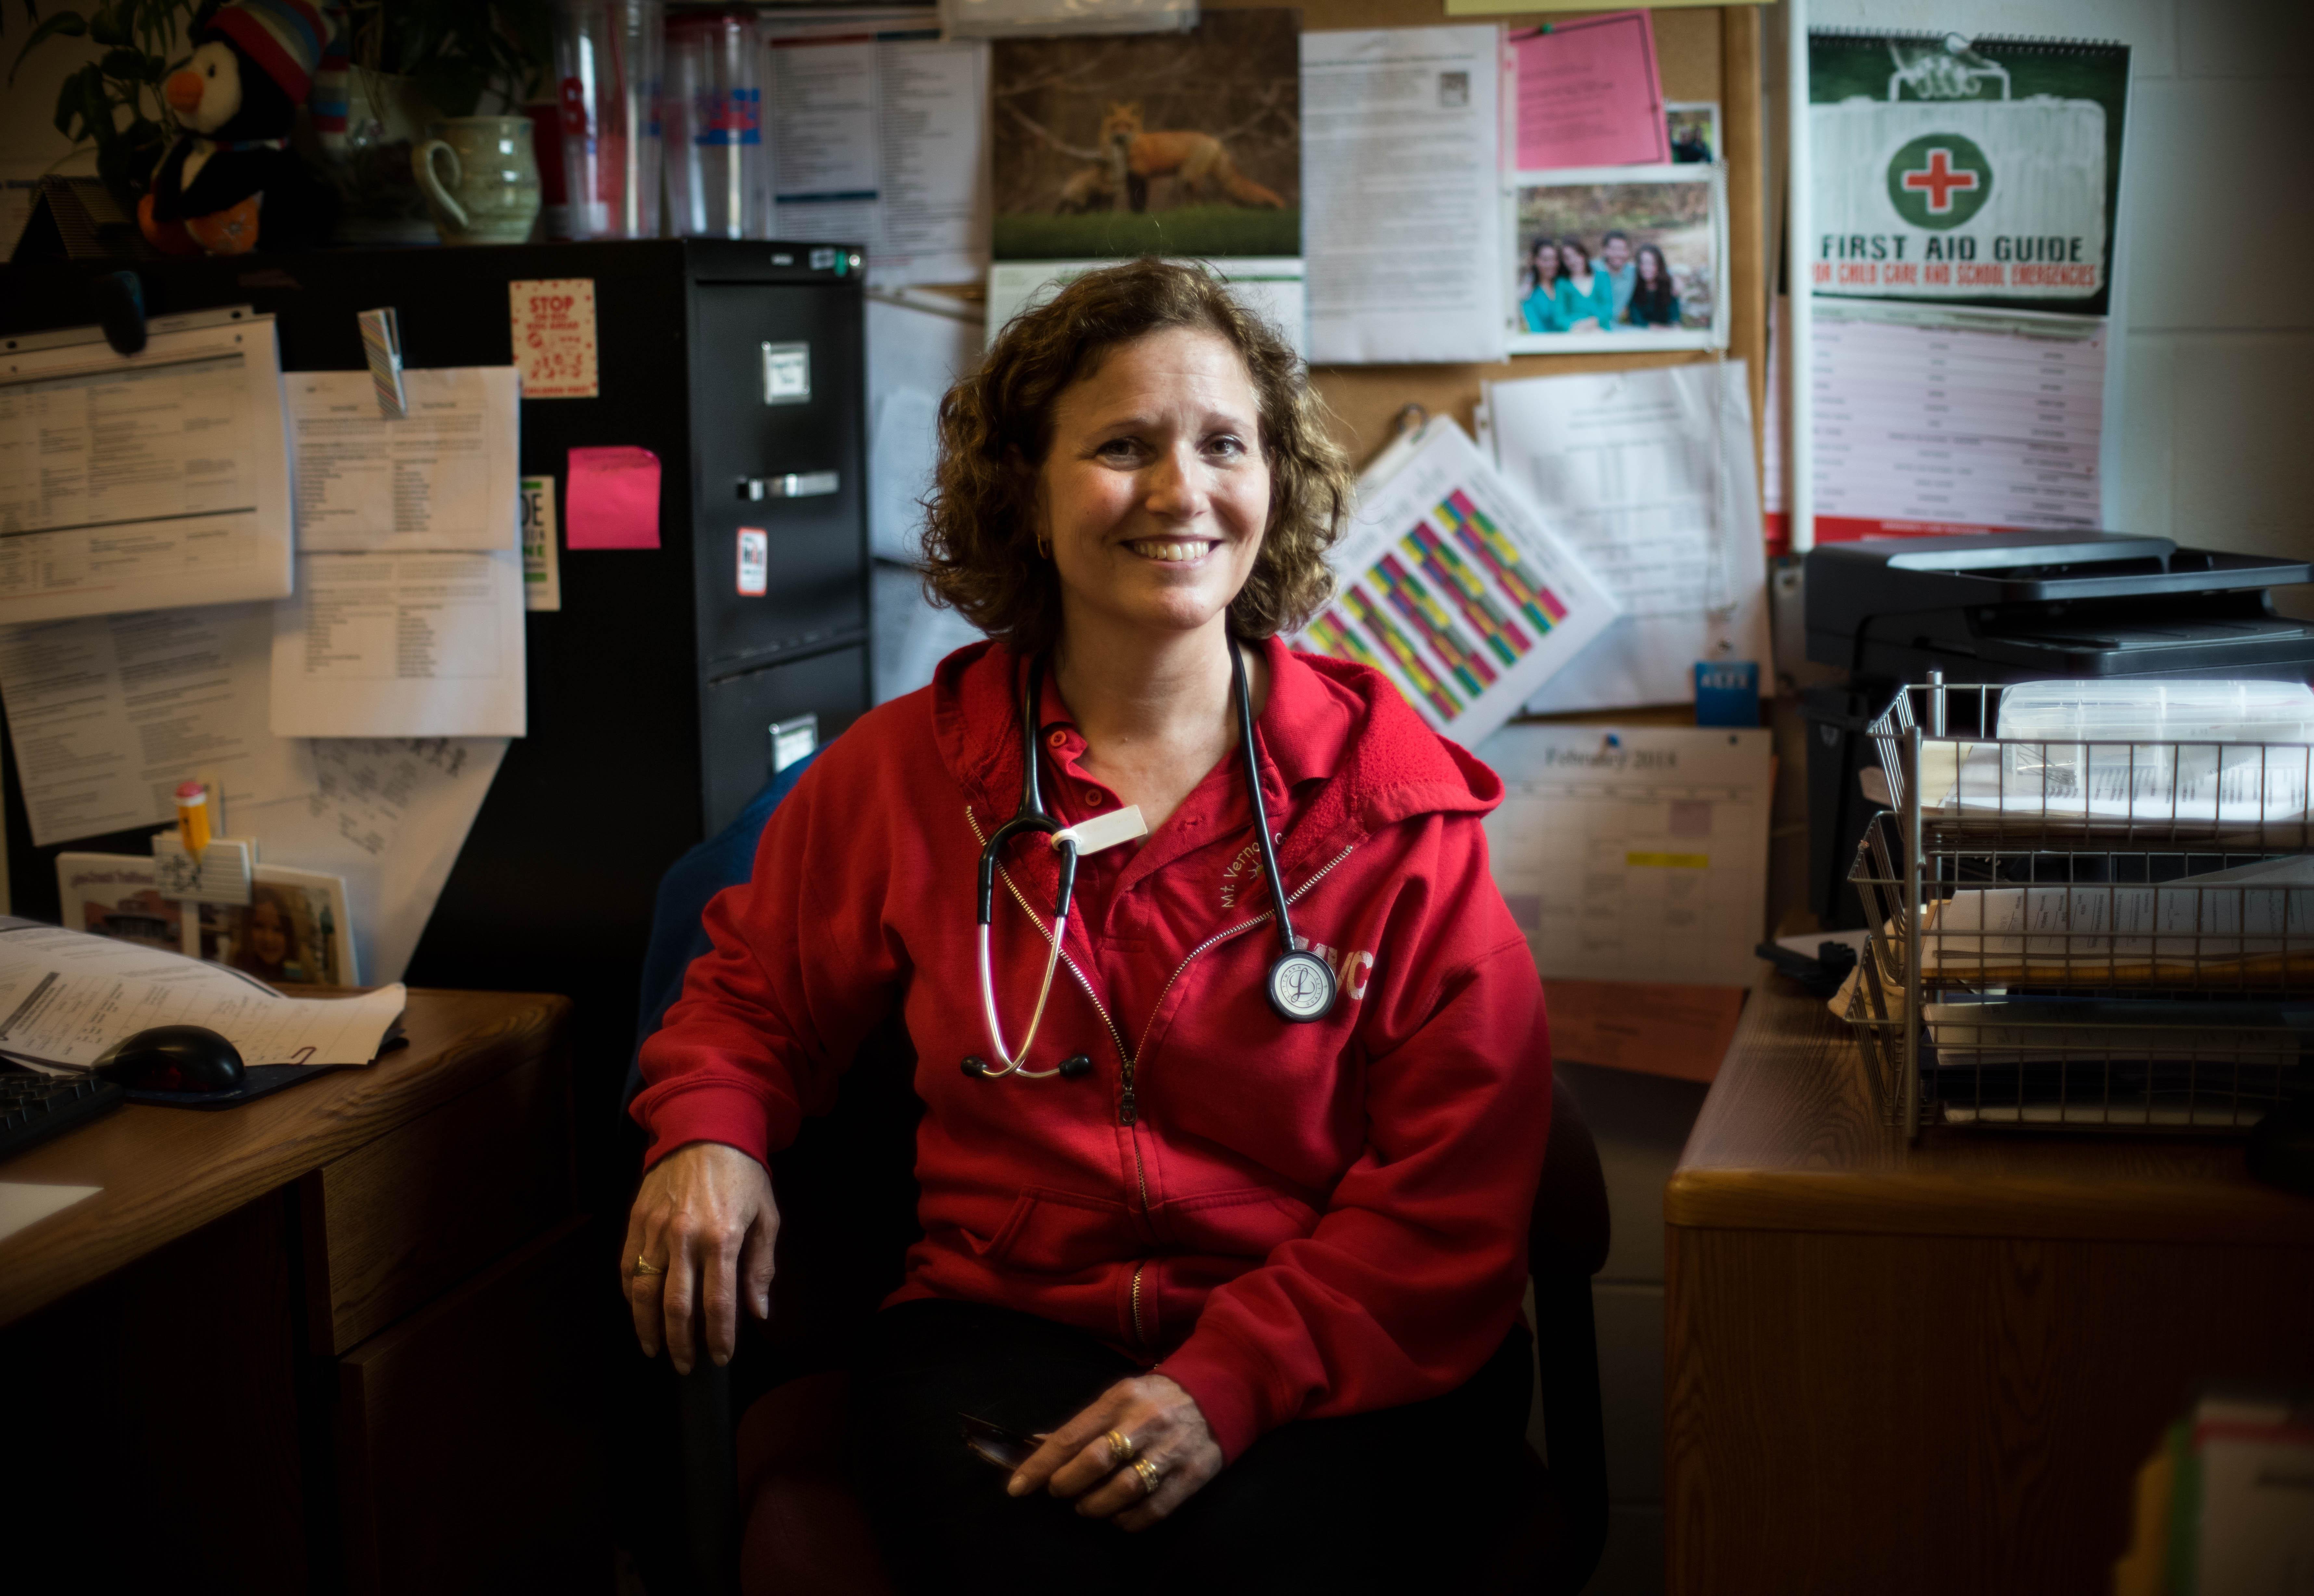 Lisa Clausen, RN